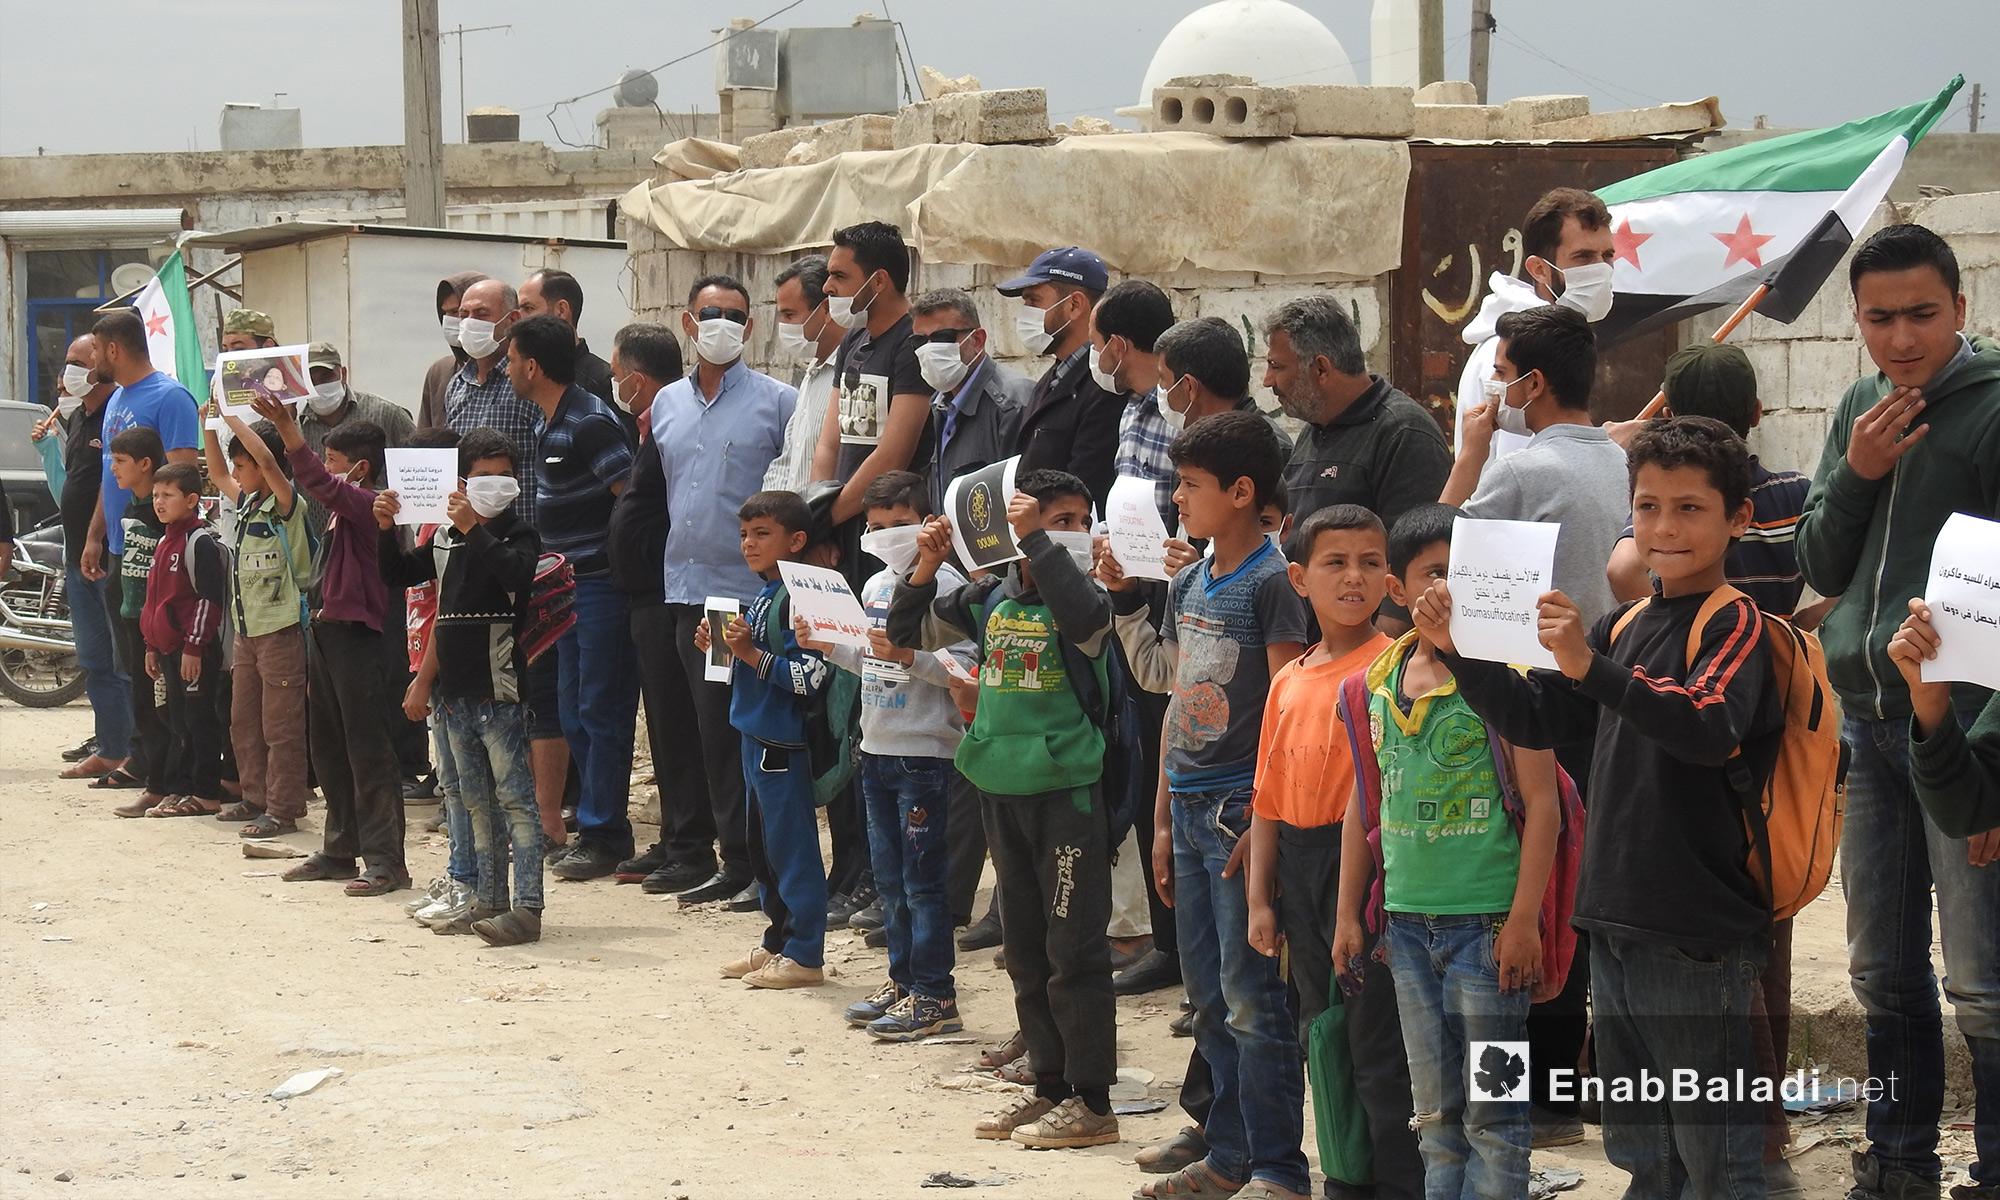 مظاهرات خرج بها أهالي دابق شمالي حلب يتضامنون مع مدينة دوما في الغوطة الشرقية - 8 من نيسان 2018 (عنب بلدي)